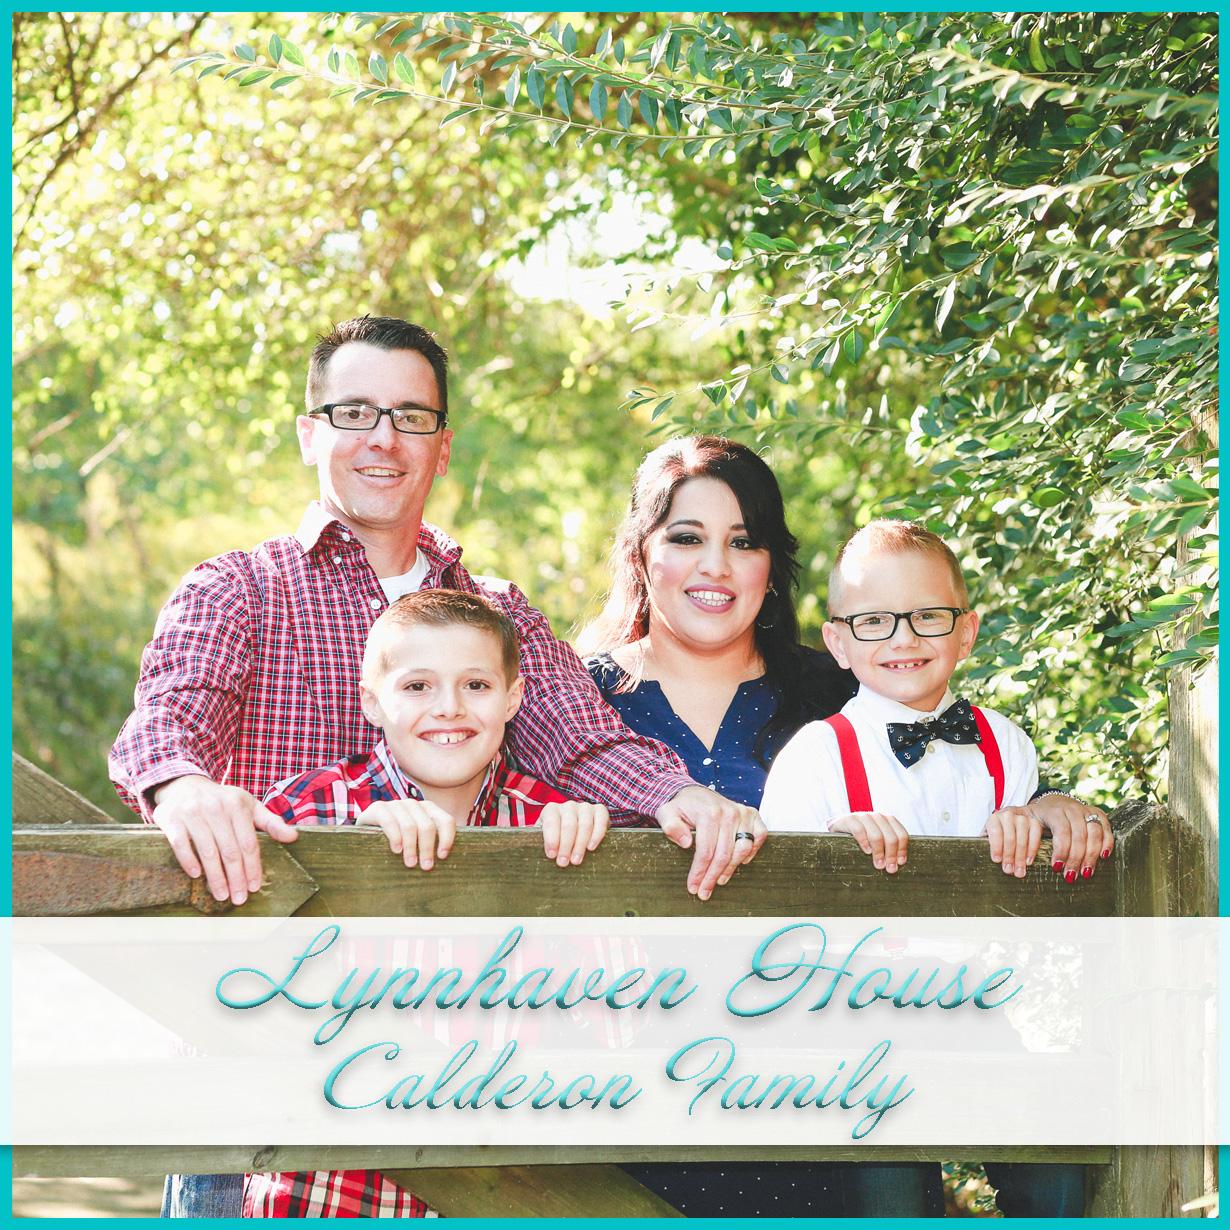 Lynnhaven House Photo Shoot